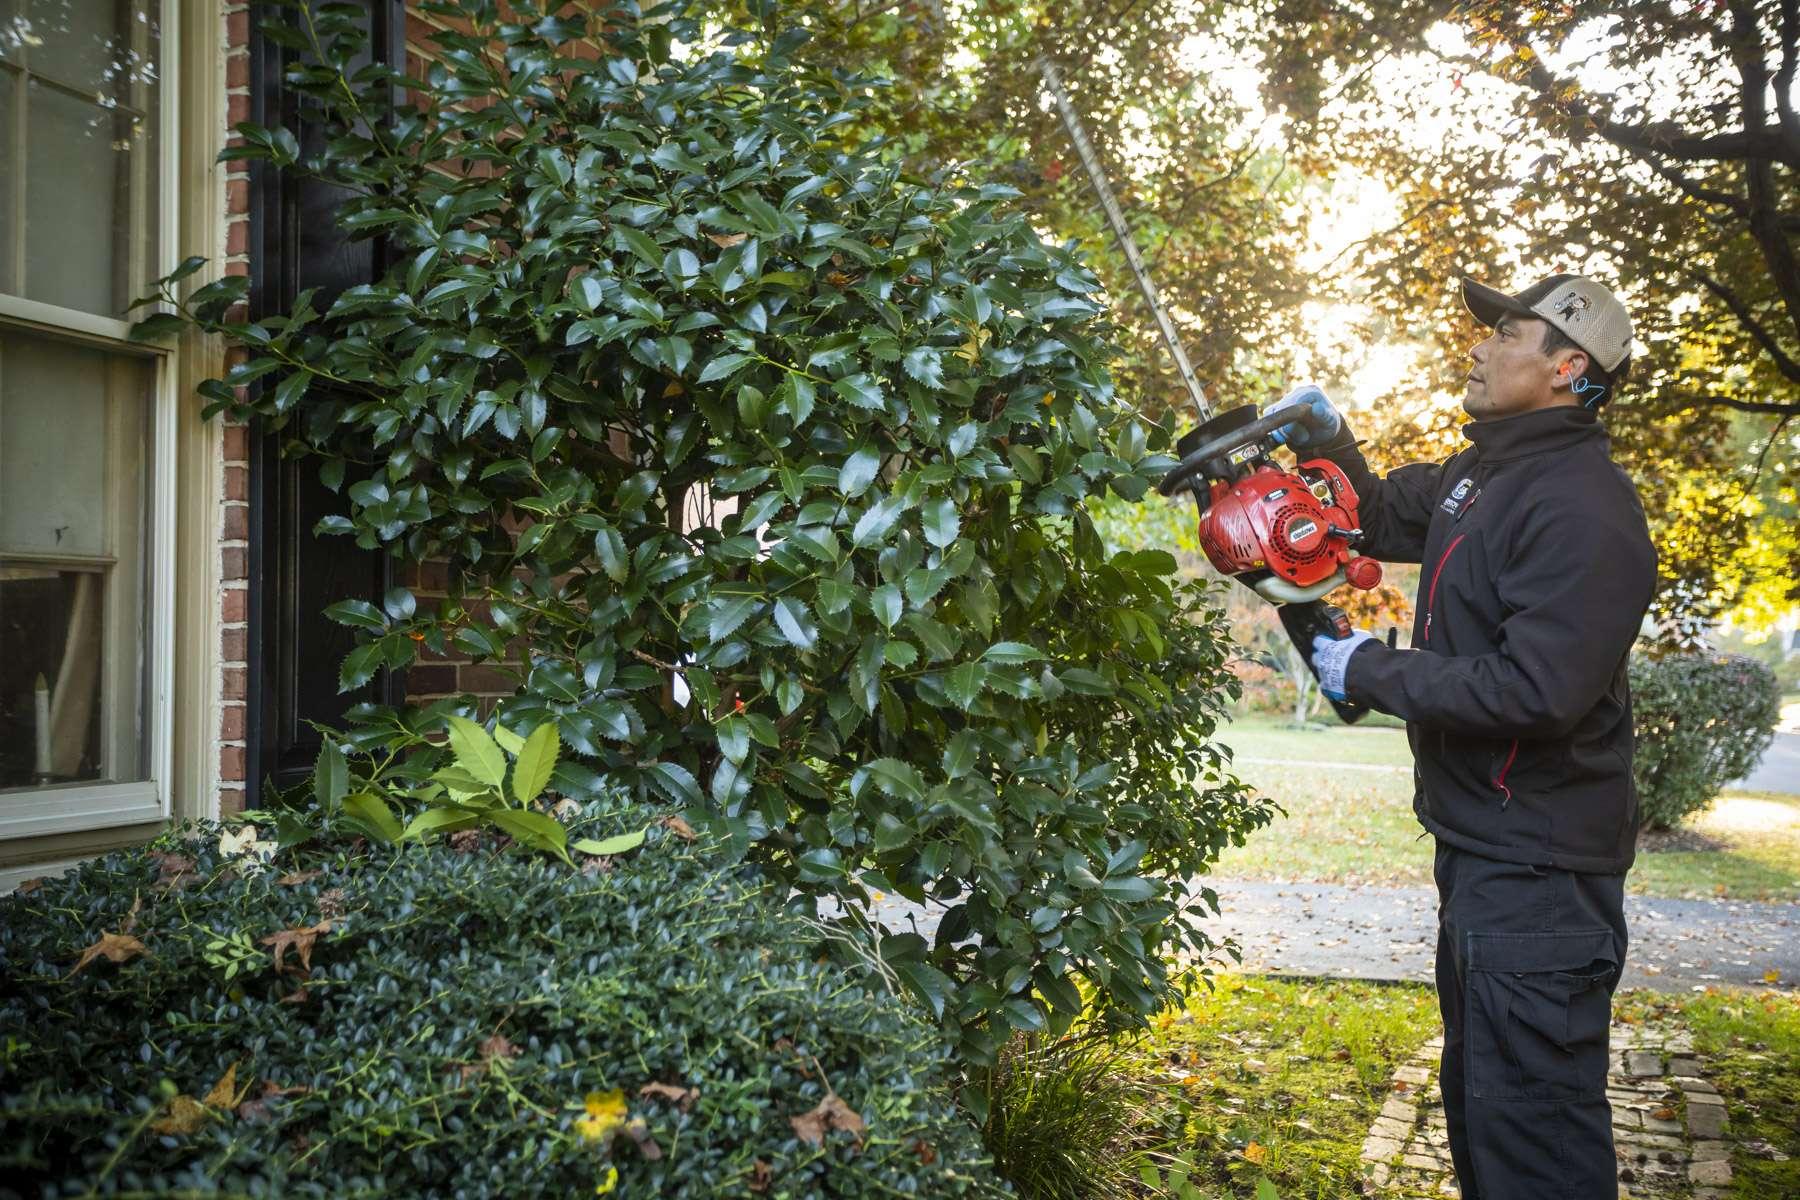 Kingstowne crew pruning shrubs